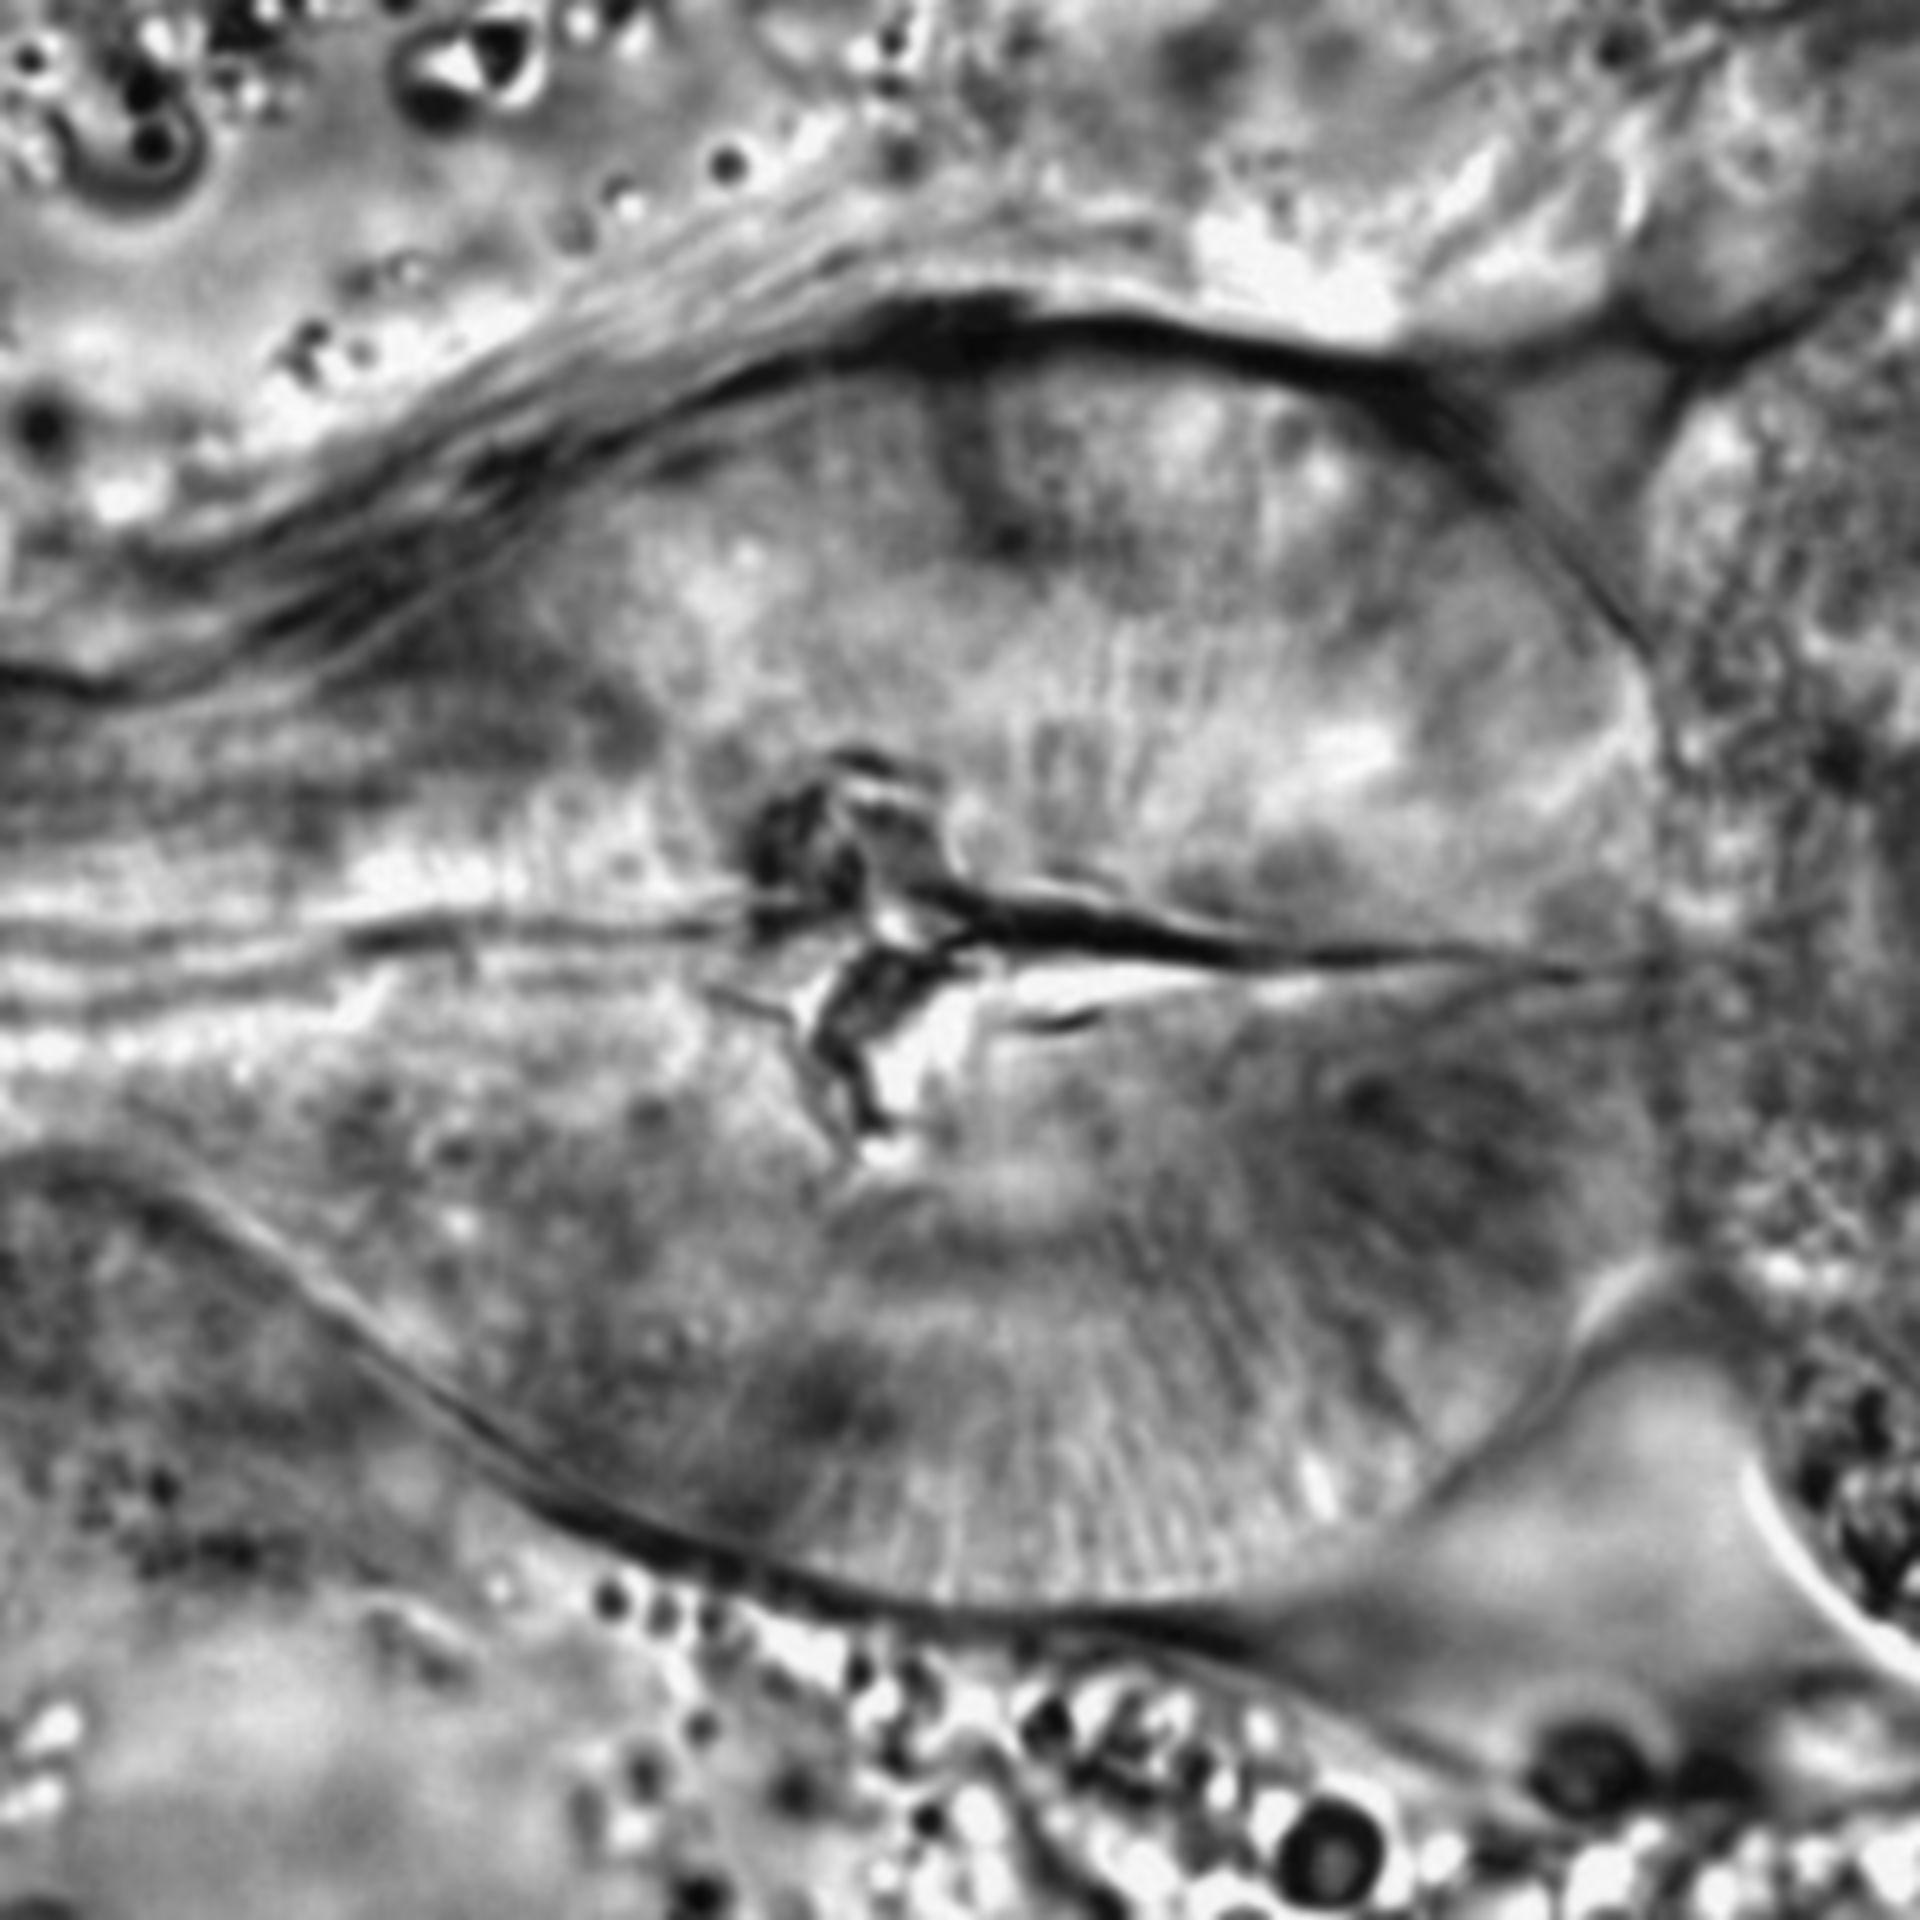 Caenorhabditis elegans - CIL:1706